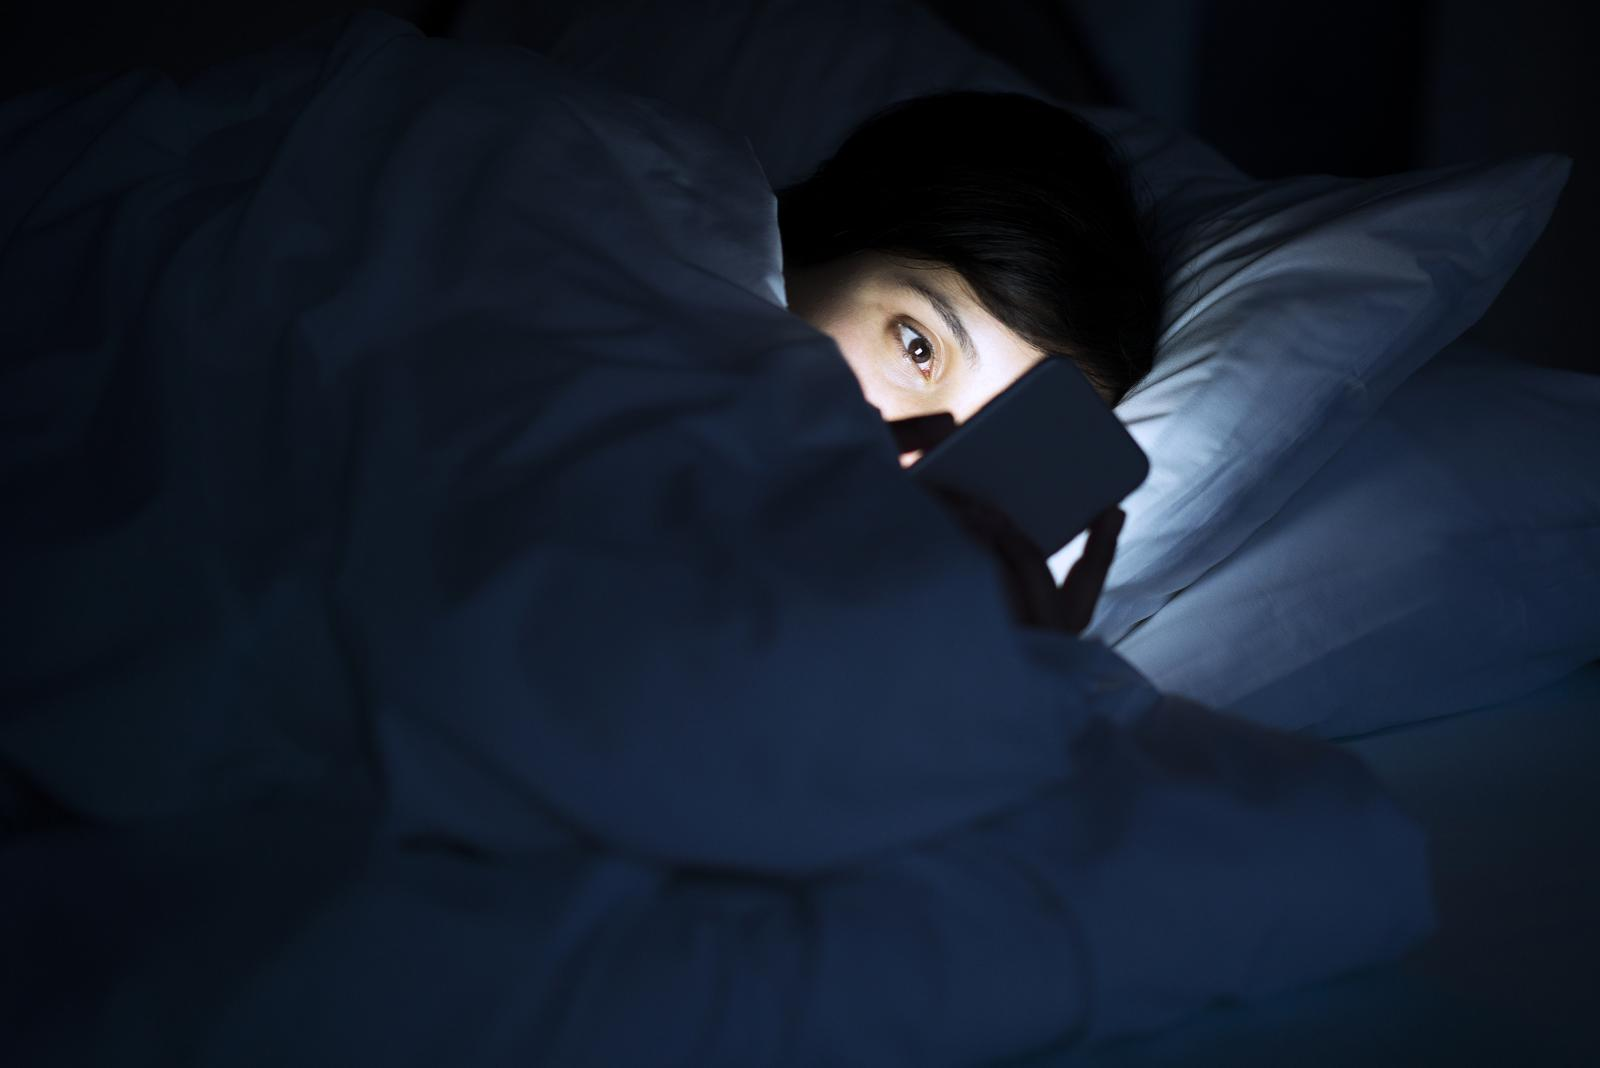 Ako i vi imate naviku u mraku upotrebljavati svoj pametni telefon, bilo bi vrijeme da razmislite koje posljedice to ostavlja na vaš vid.